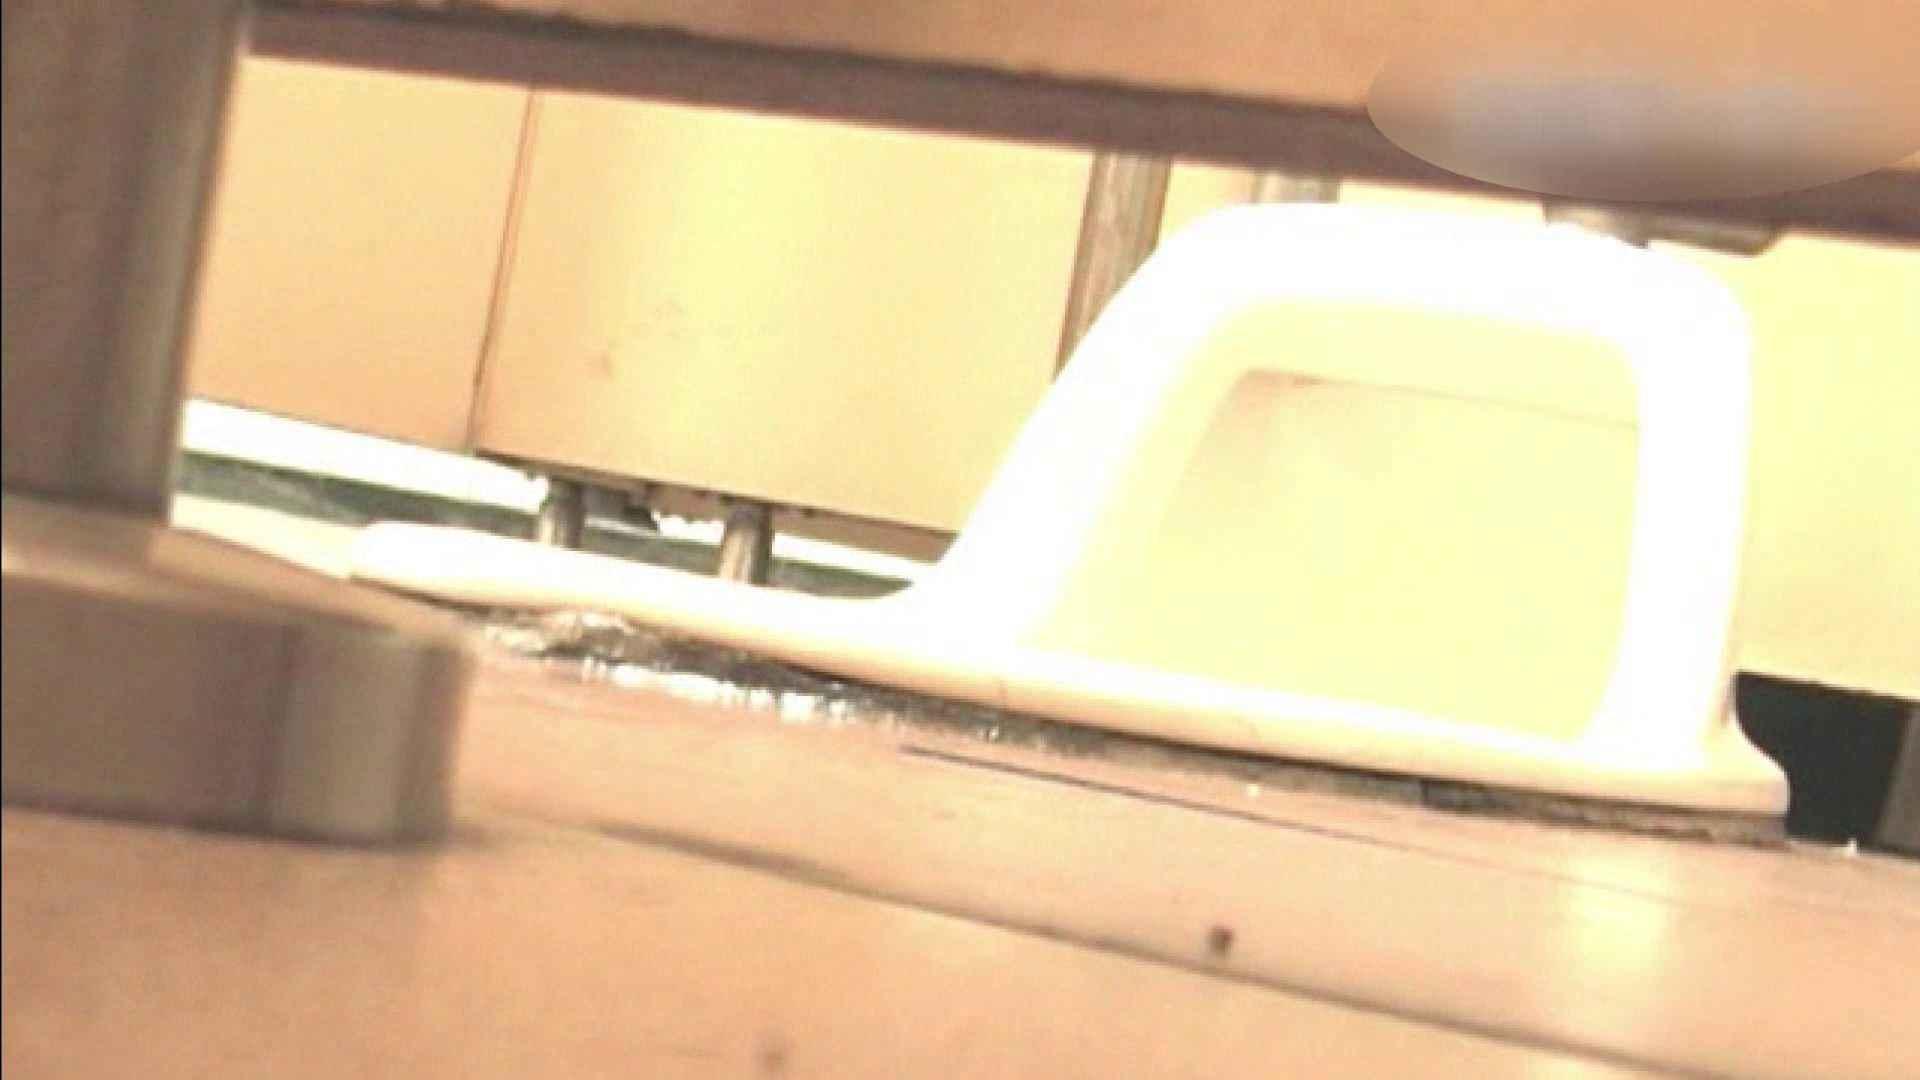 ロックハンドさんの盗撮記録File.04 オマンコ 盗撮AV動画キャプチャ 107連発 84